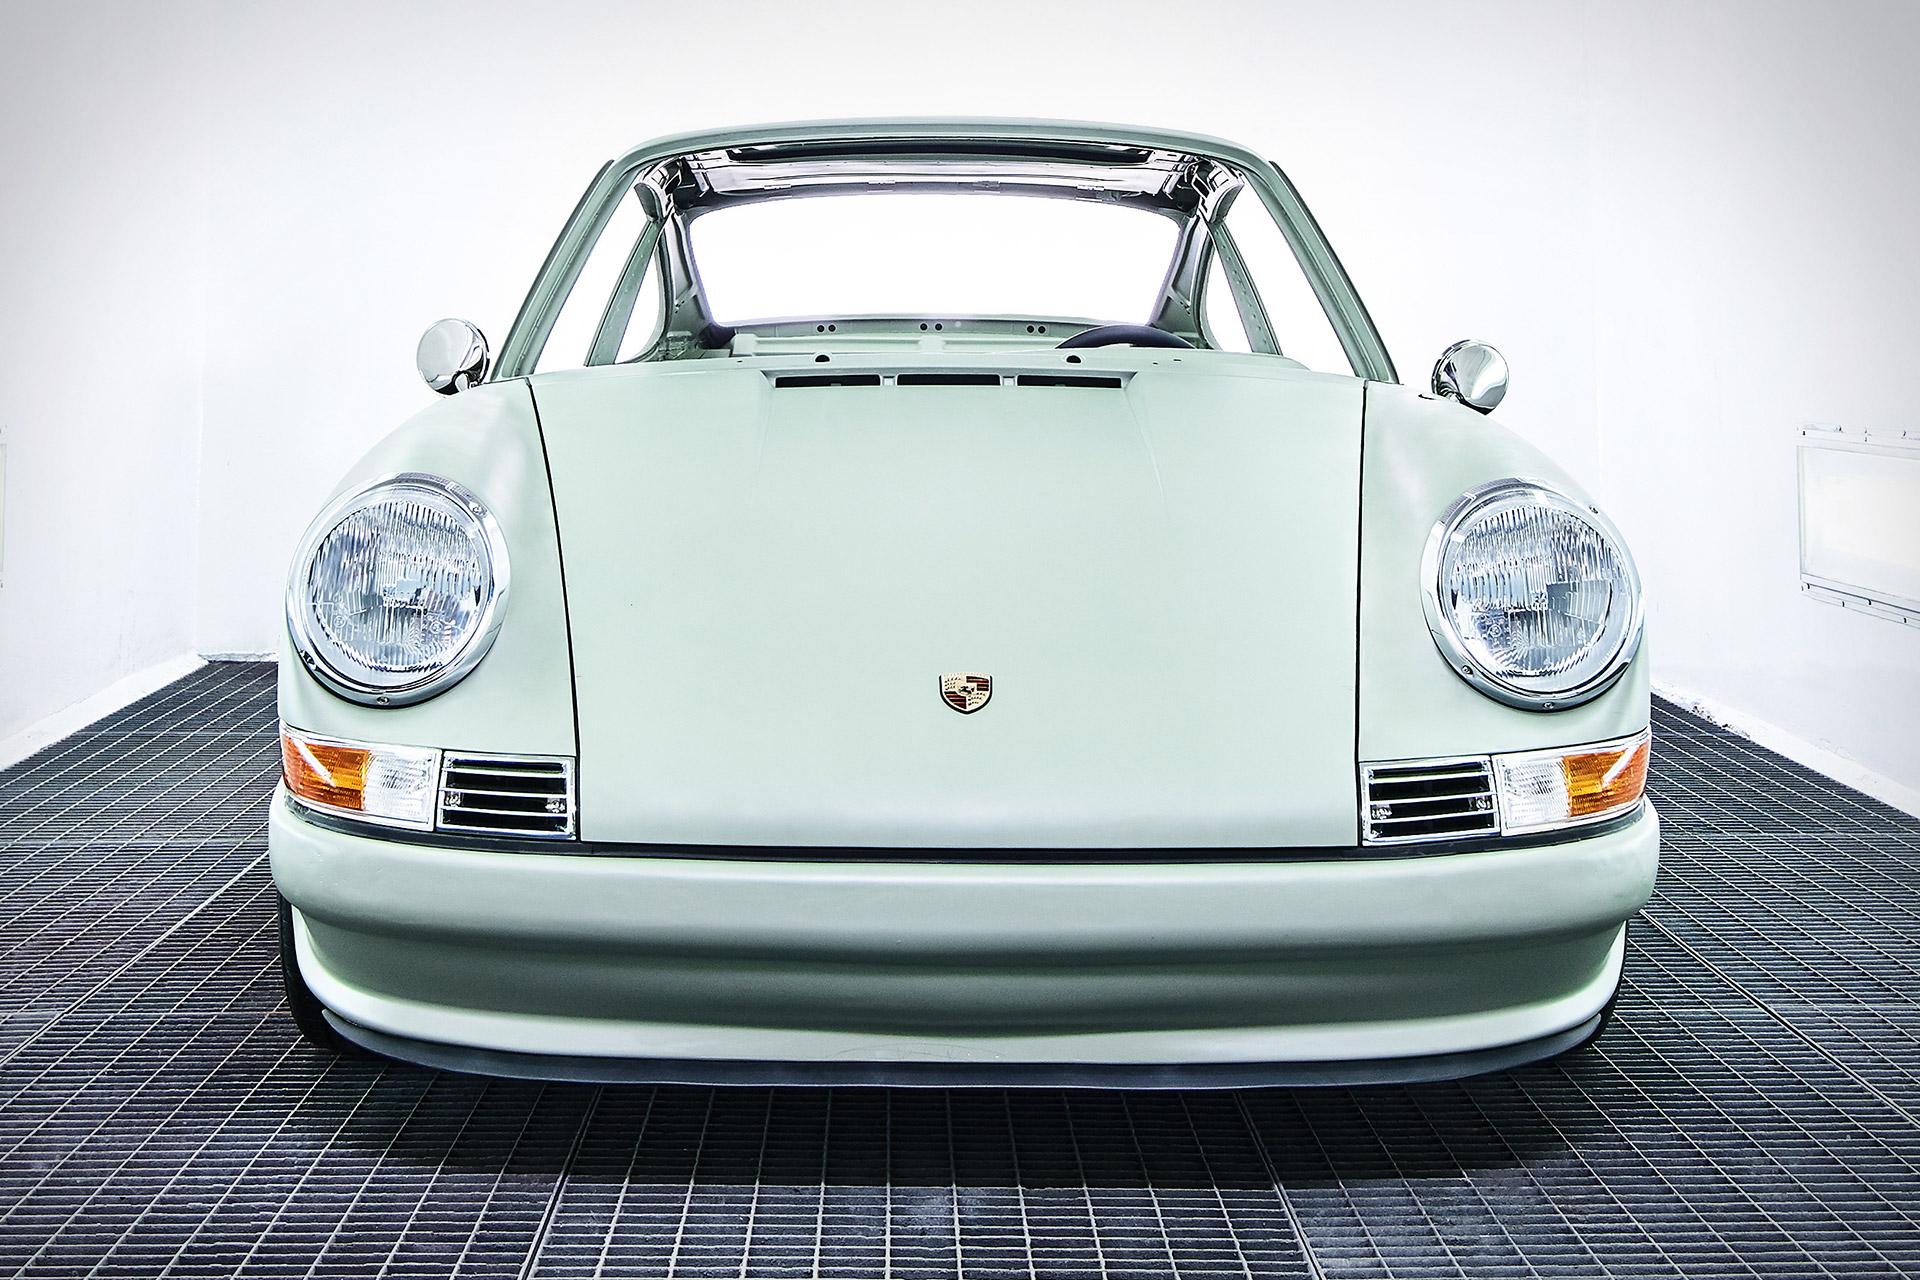 Voitures Extravert Quintessenza Electric Porsche Uncrate